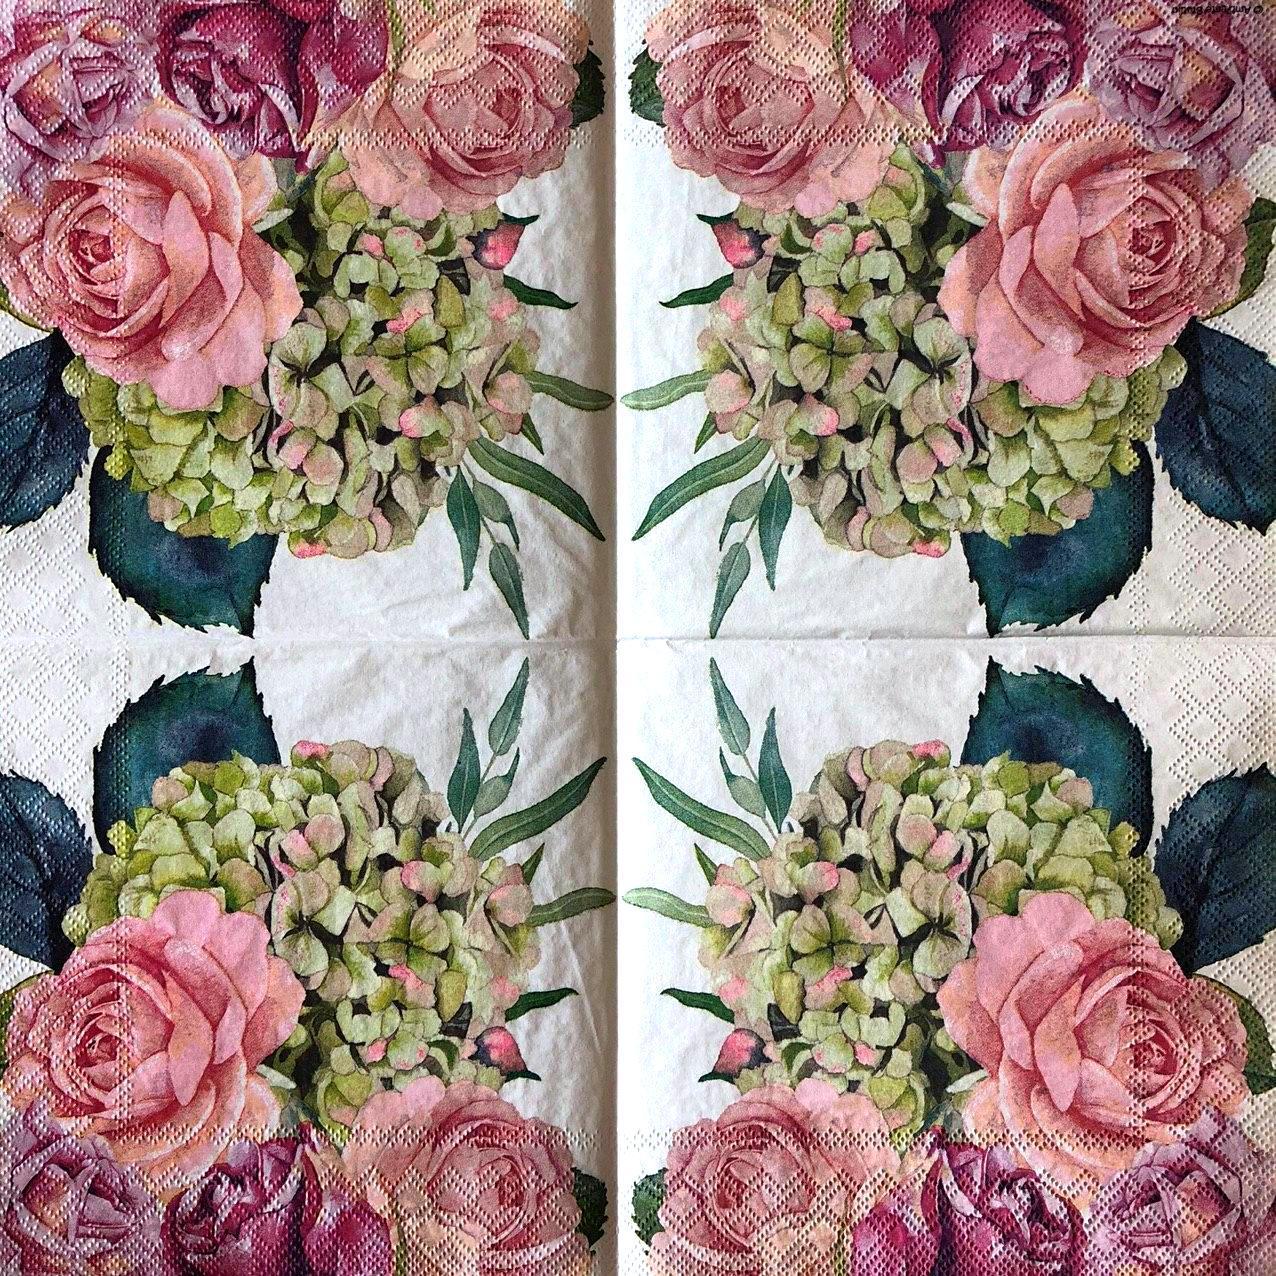 """Салфетки для декупажа 33x33 см 19 """"Цветы розы, пионы, сирень"""" салфетка декупажная. Серветка для декупажу"""